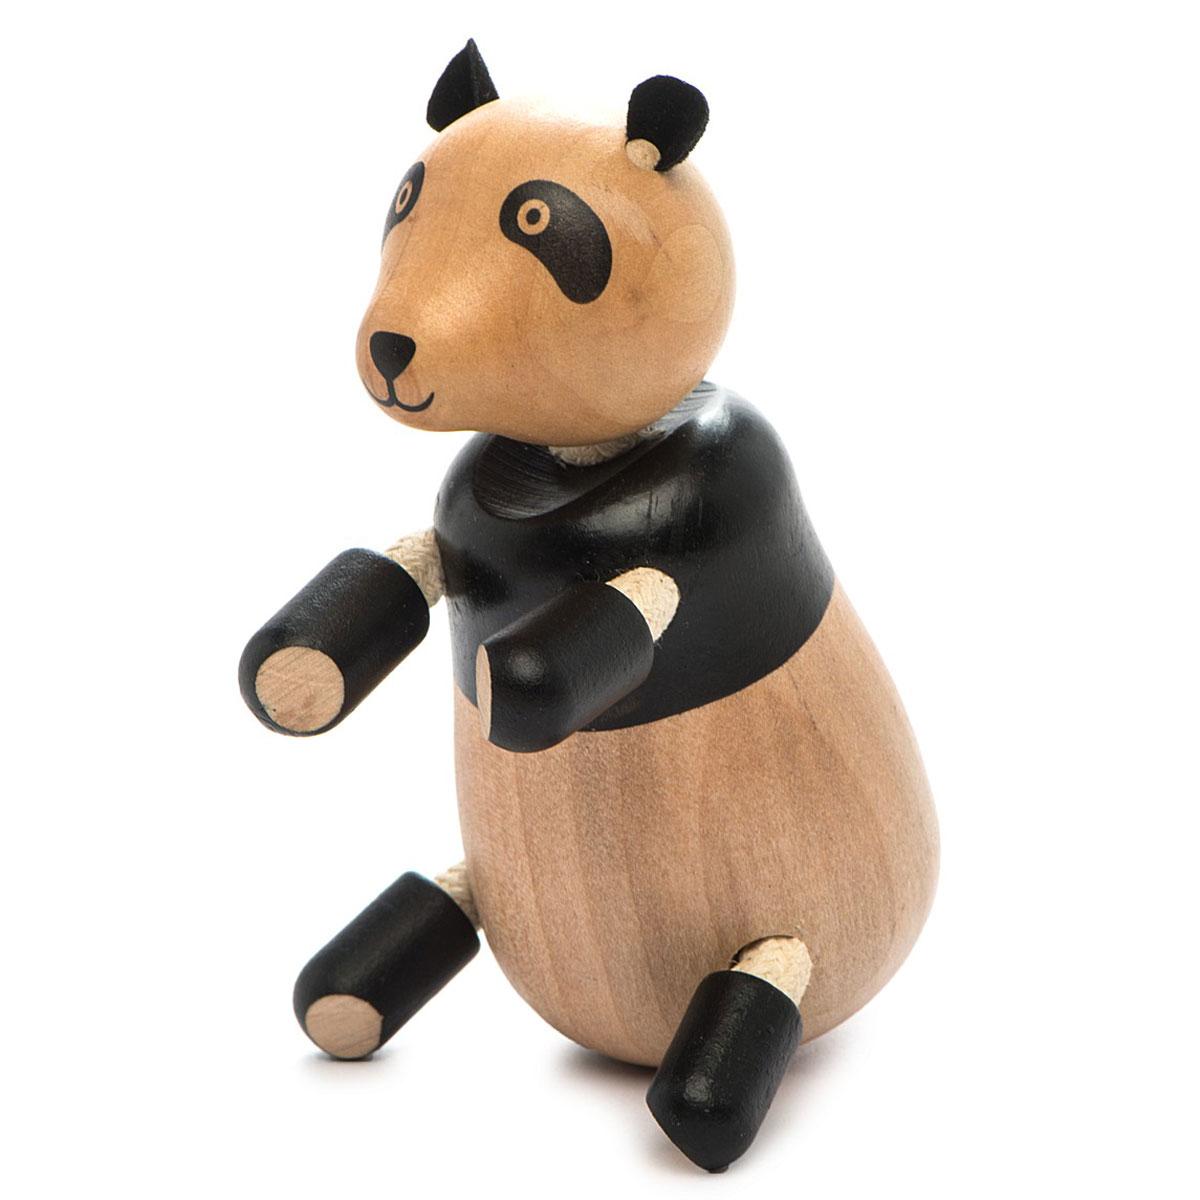 AnaMalz Фигурка деревянная ПандаPA2010Панда самый ленивый медведь на свете. Именно поэтому у него такие коротенькие лапы - много двигаться он и не планирует. Зато своеобразная окраска при нем, и очки, и черные лапы. Игрушка изготовлена из экологичных материалов: дерева, натуральных тканей и веревки. Фигурка раскрашена вручную безопасными для детей красками. Anamalz - это качественные экологичные игрушки родом из Австралии. В 2007 году дизайнер Луиза Козон-Скотт вместе с мужем решили встряхнуть индустрию деревянных игрушек и сделать их более уютными и пластичными. Эти качества и отличают фигурки Anamalz и сегодня. Благодаря гнущимся деталям звери могут оживать, принимая разные позы. Деревянные игрушки дополнены тканевыми элементами, причем ткани используются только натуральные: хлопок, шерсть, шелк. Фигурки производятся из вечнозеленого дерева шима (или игольчатое дерево), выращивается оно на лесных плантациях в Китае.